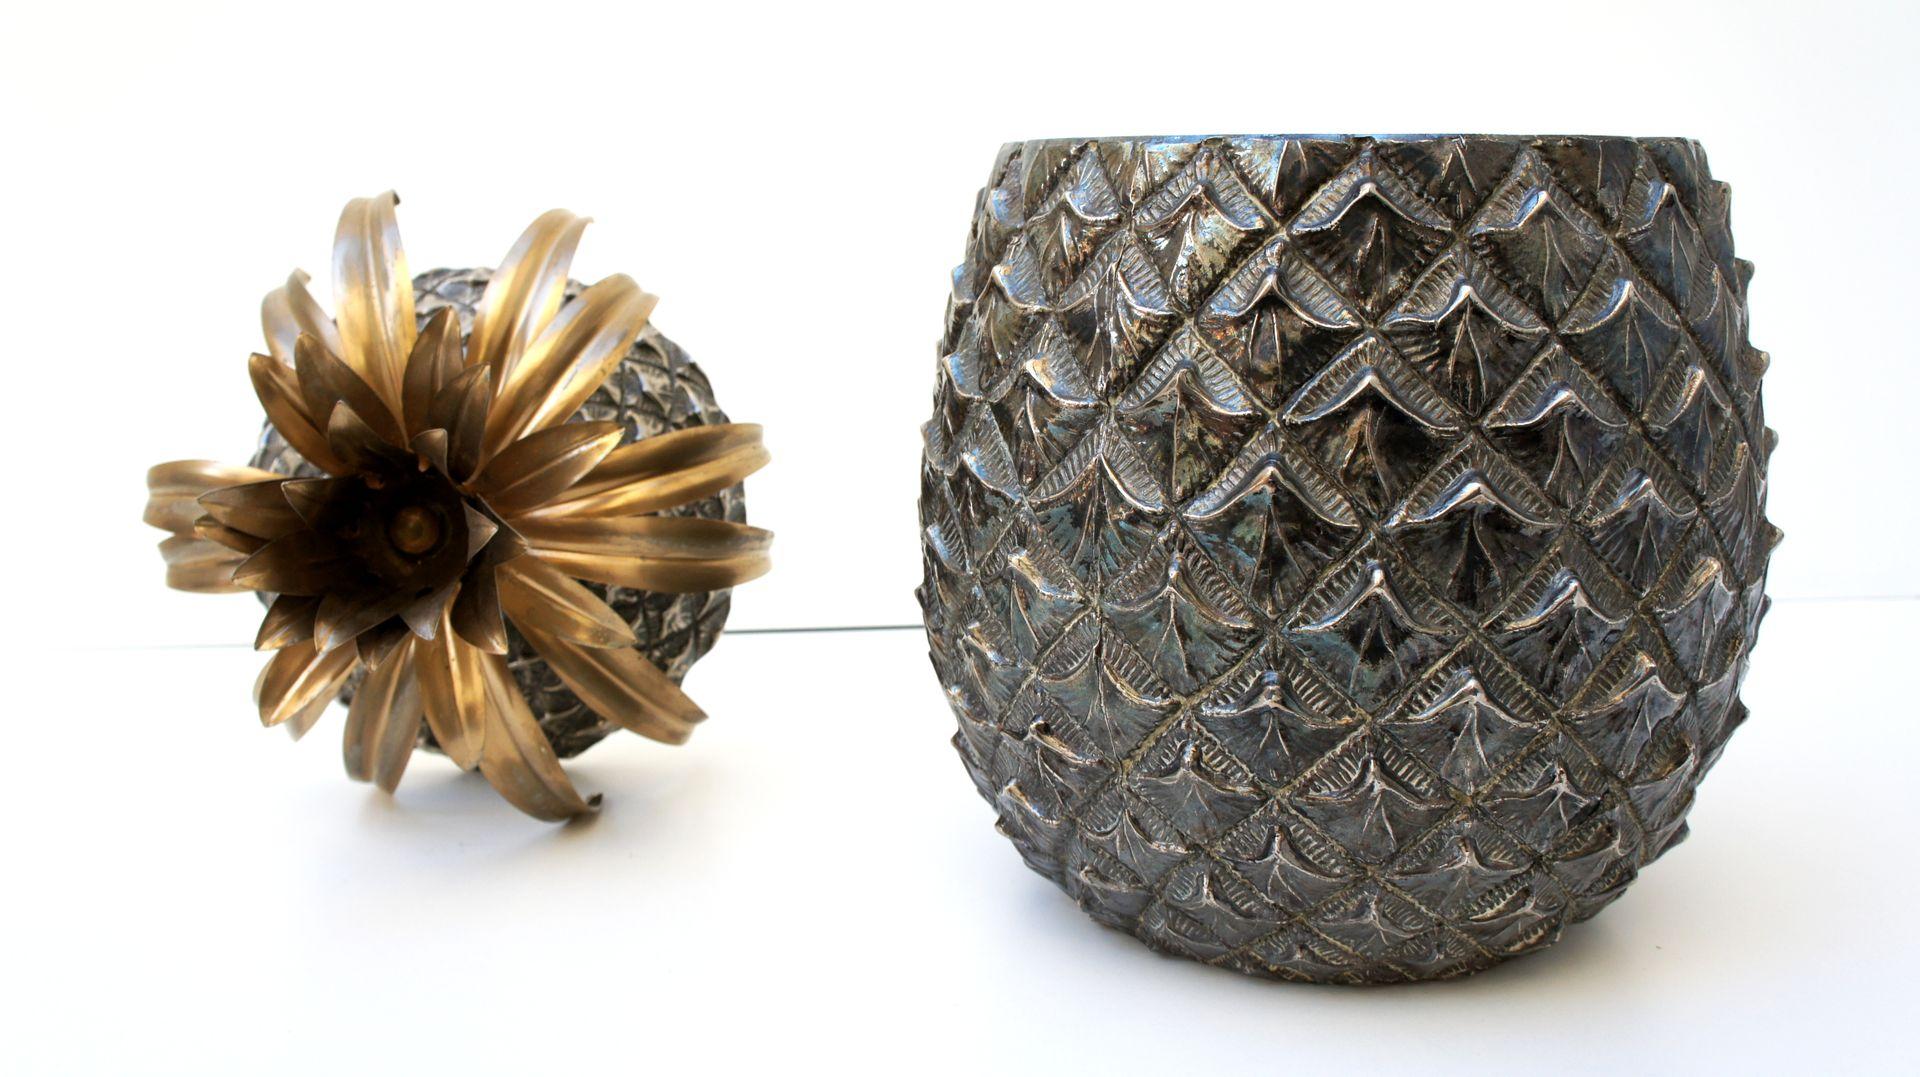 grand seau glace ananas en argent par mauro manetti pour fonderia d 39 arte 1960s en vente sur. Black Bedroom Furniture Sets. Home Design Ideas